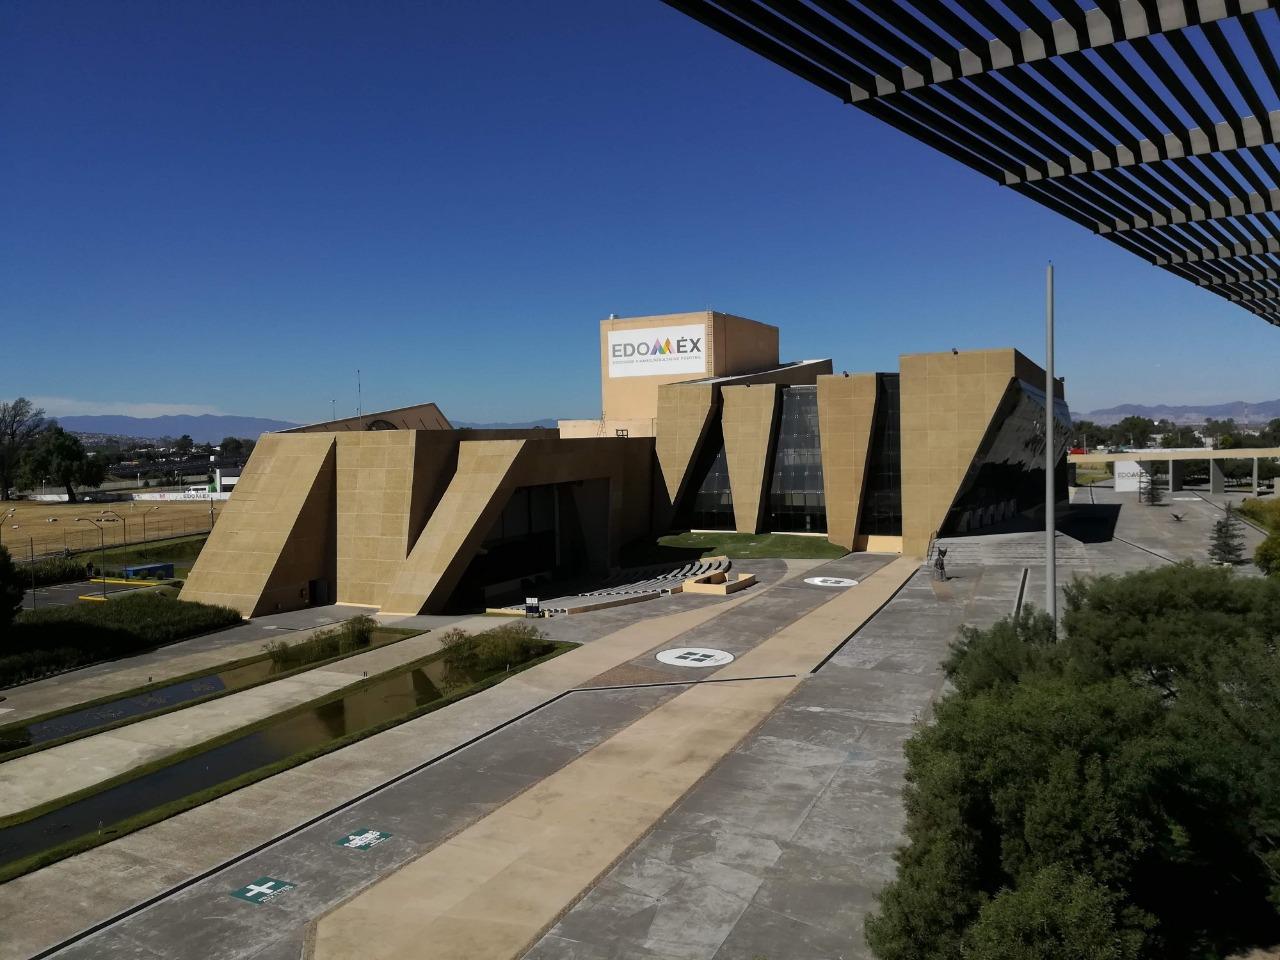 Organiza centro cultural mexiquense bicentenario actividades artísticas, académicas y deportivas para todo público.